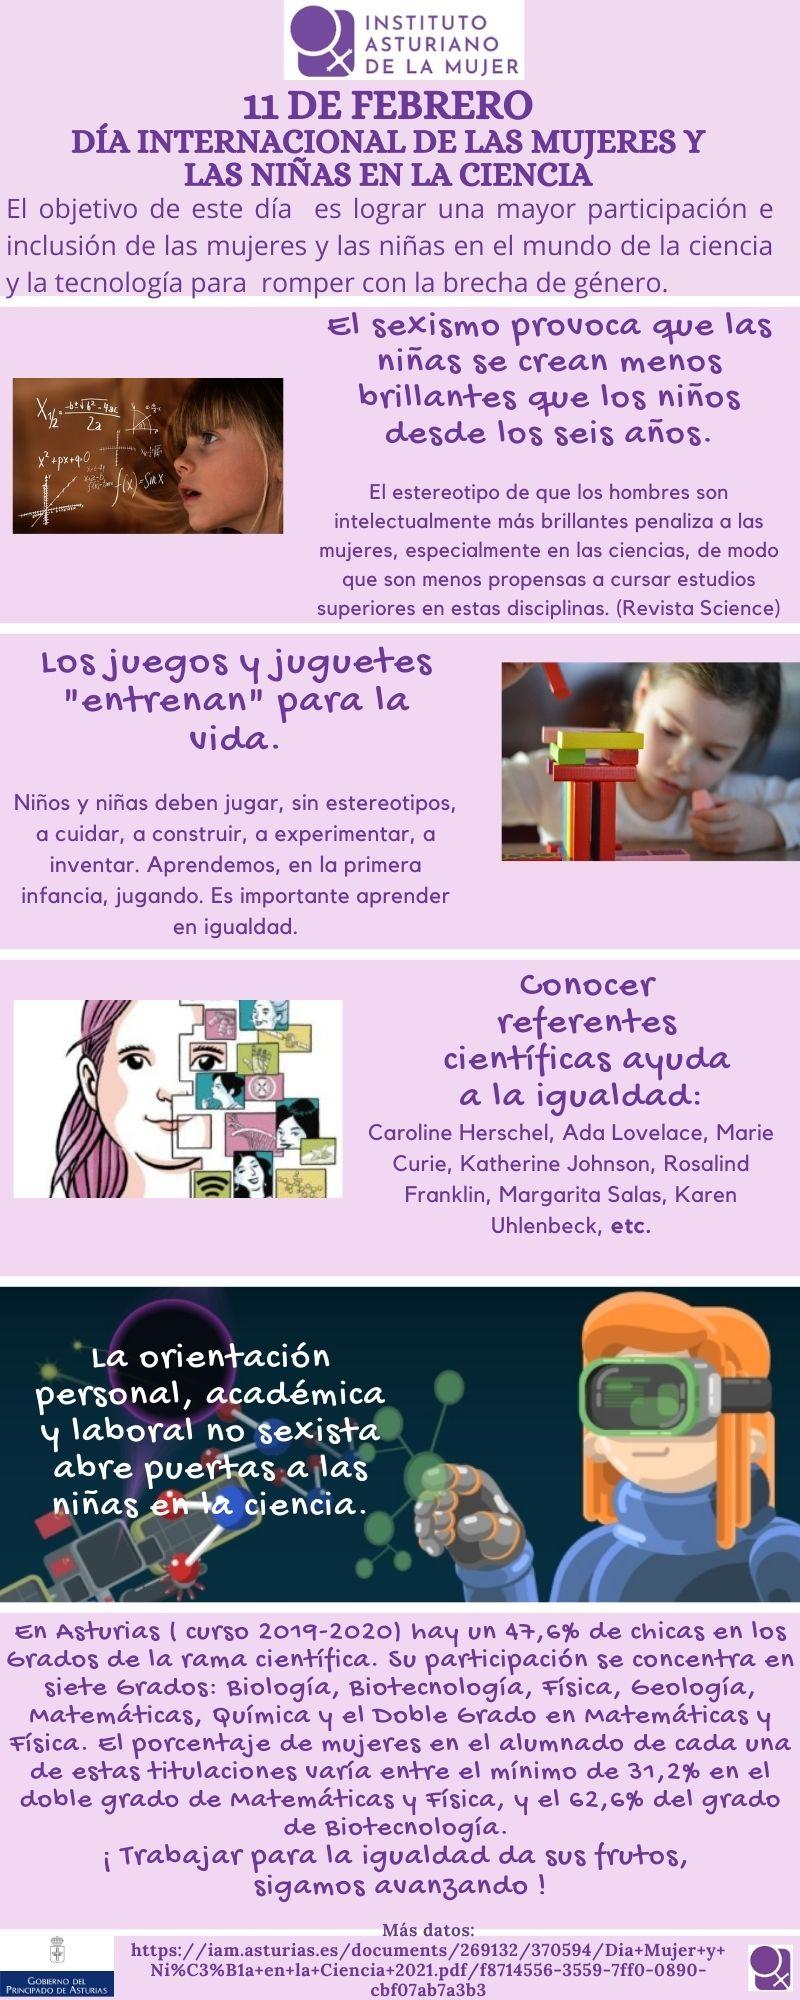 Día Internacional De La Mujer Y La Niña En La Ciencia 2021 Día Internacional De La Mujer Y La Niña En La Ciencia 2021 Iam